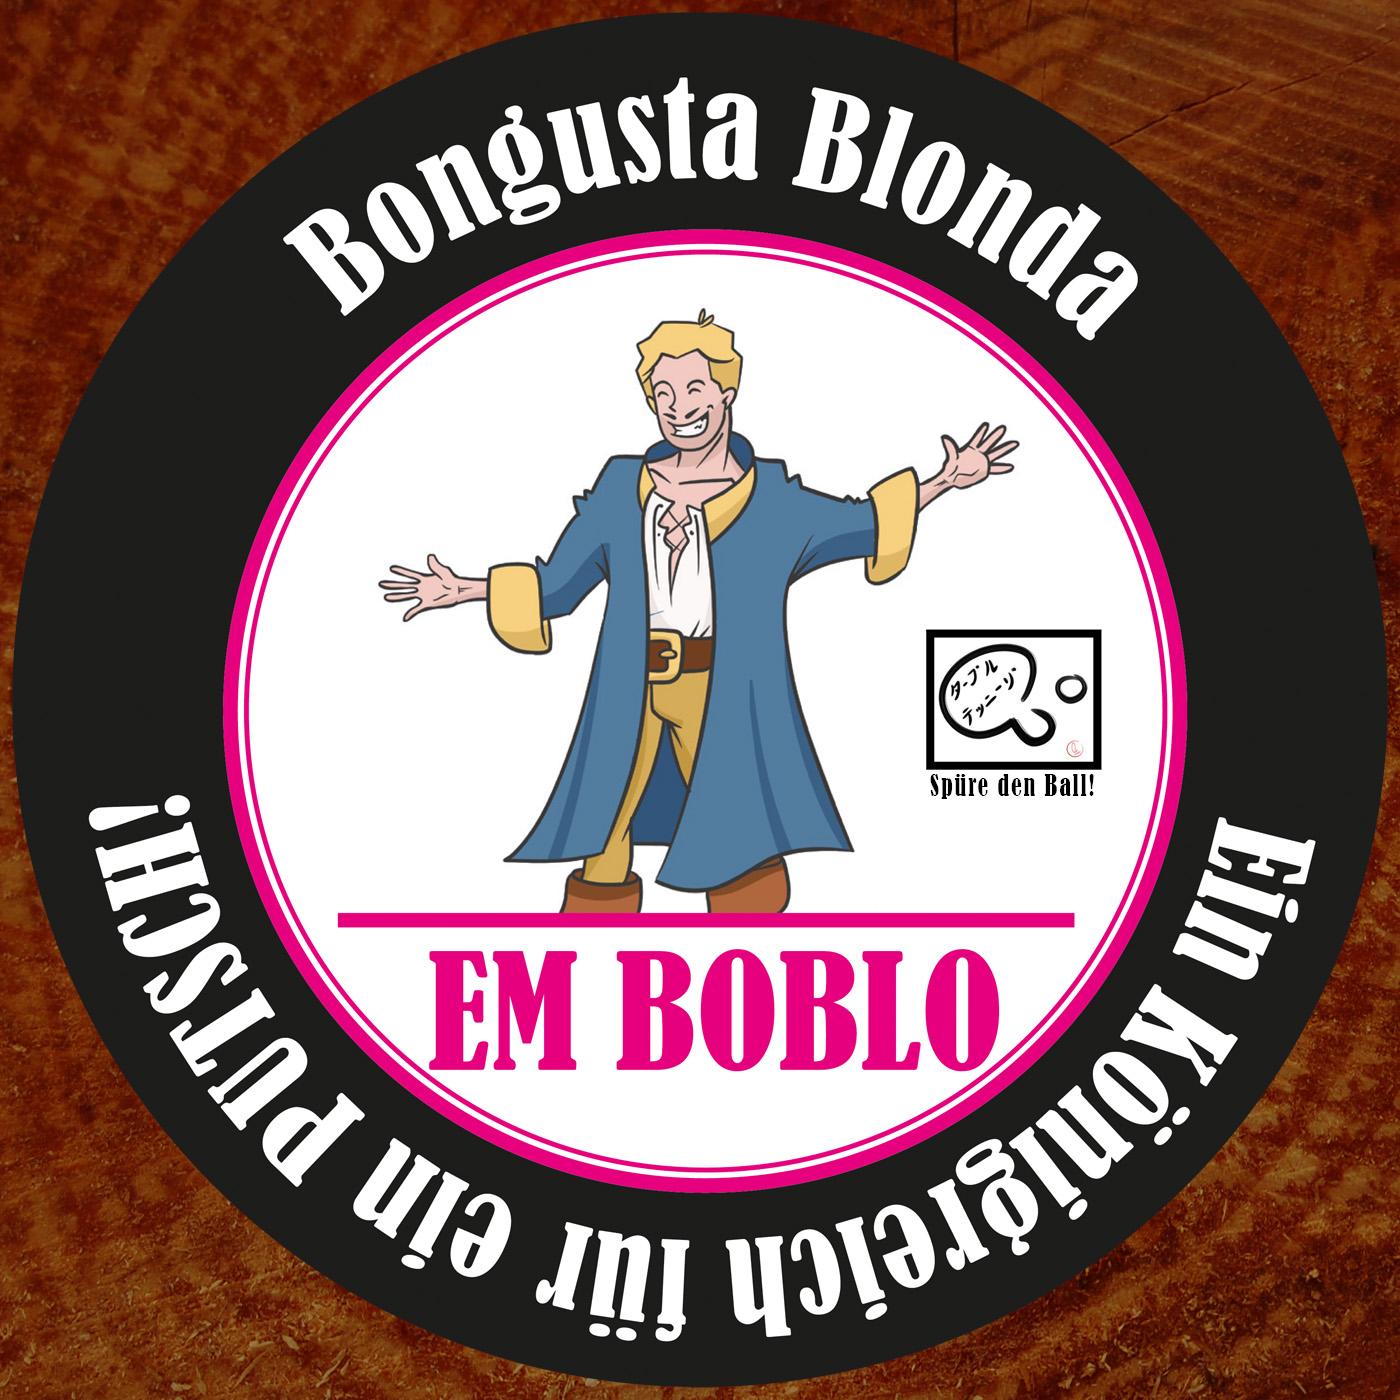 Em Boblo